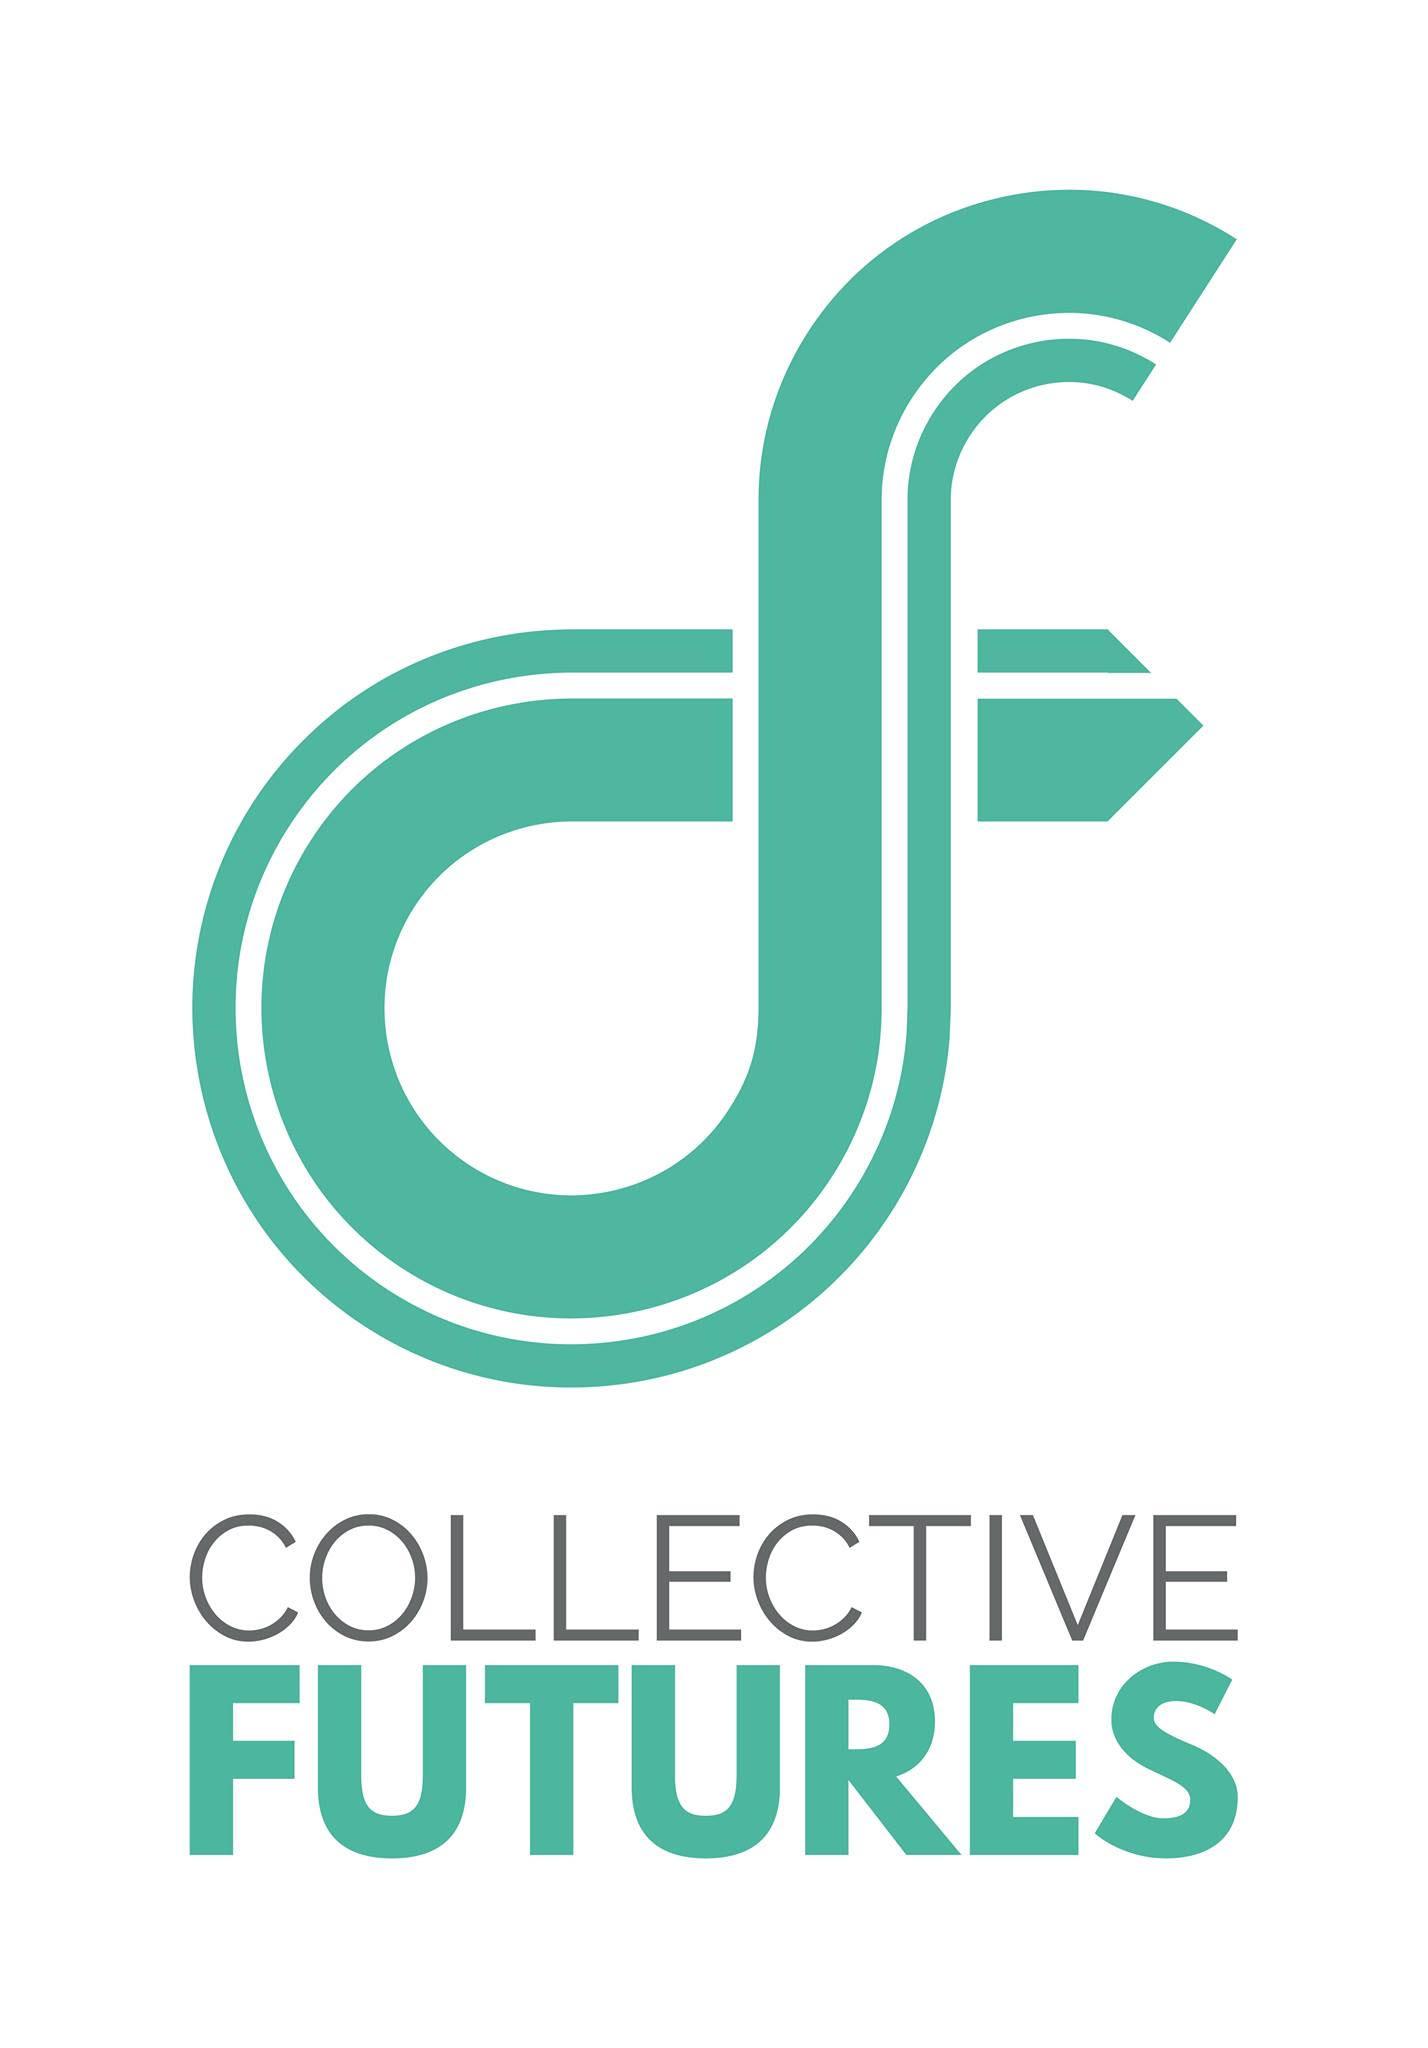 CF_logo.jpg (x)px